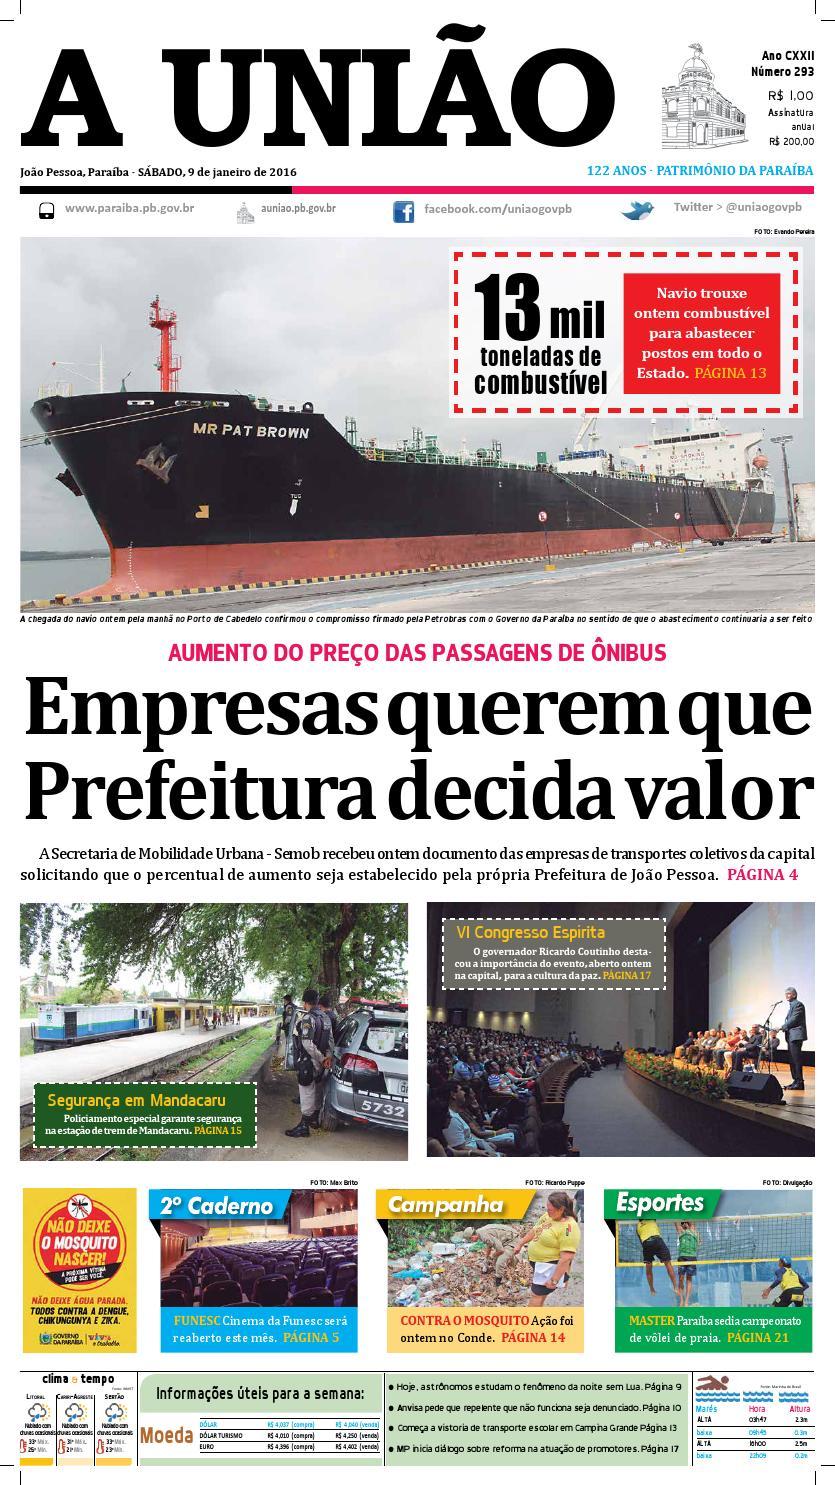 Jornal A União 09 01 16 by Jornal A União - issuu a9c2a056eda52